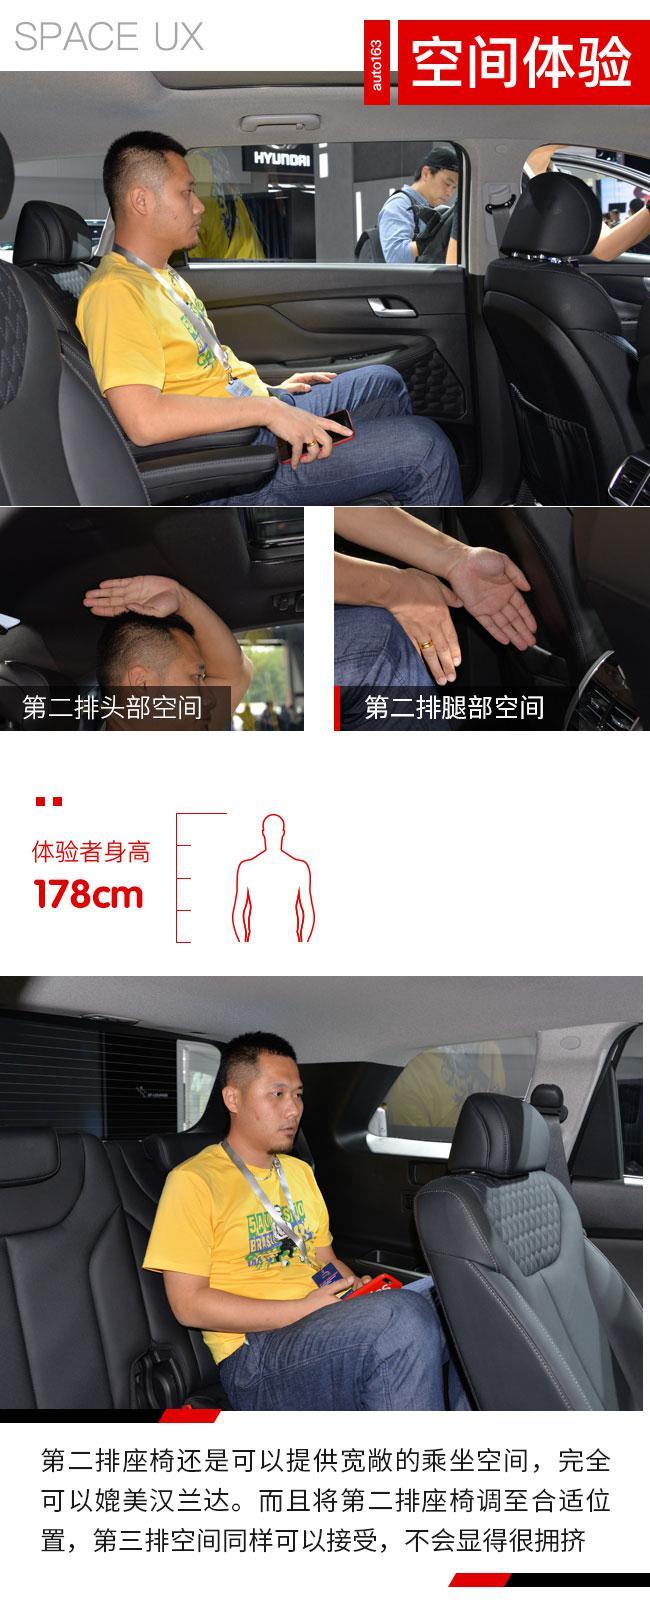 硬朗造型更顯前衛 廣州車展實拍全新勝達